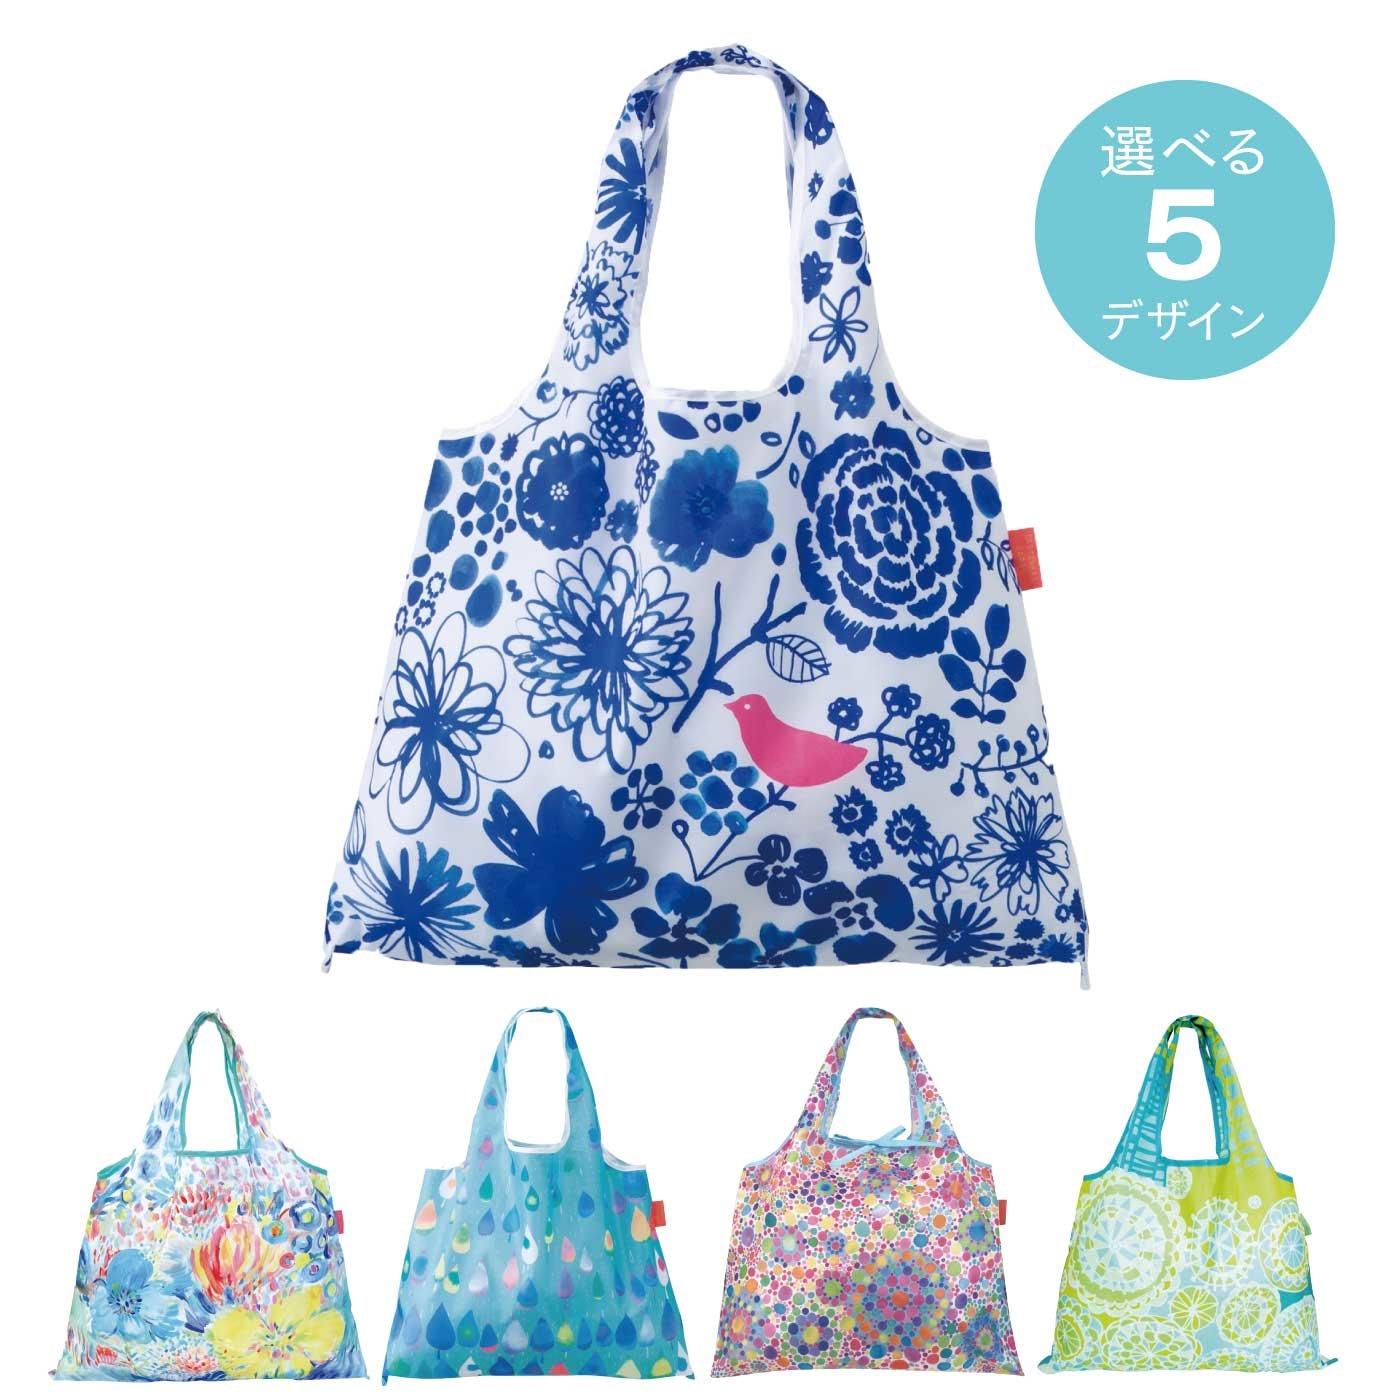 デザイナーズコレクション 2way ショッピングエコバッグ <島あゆみ>